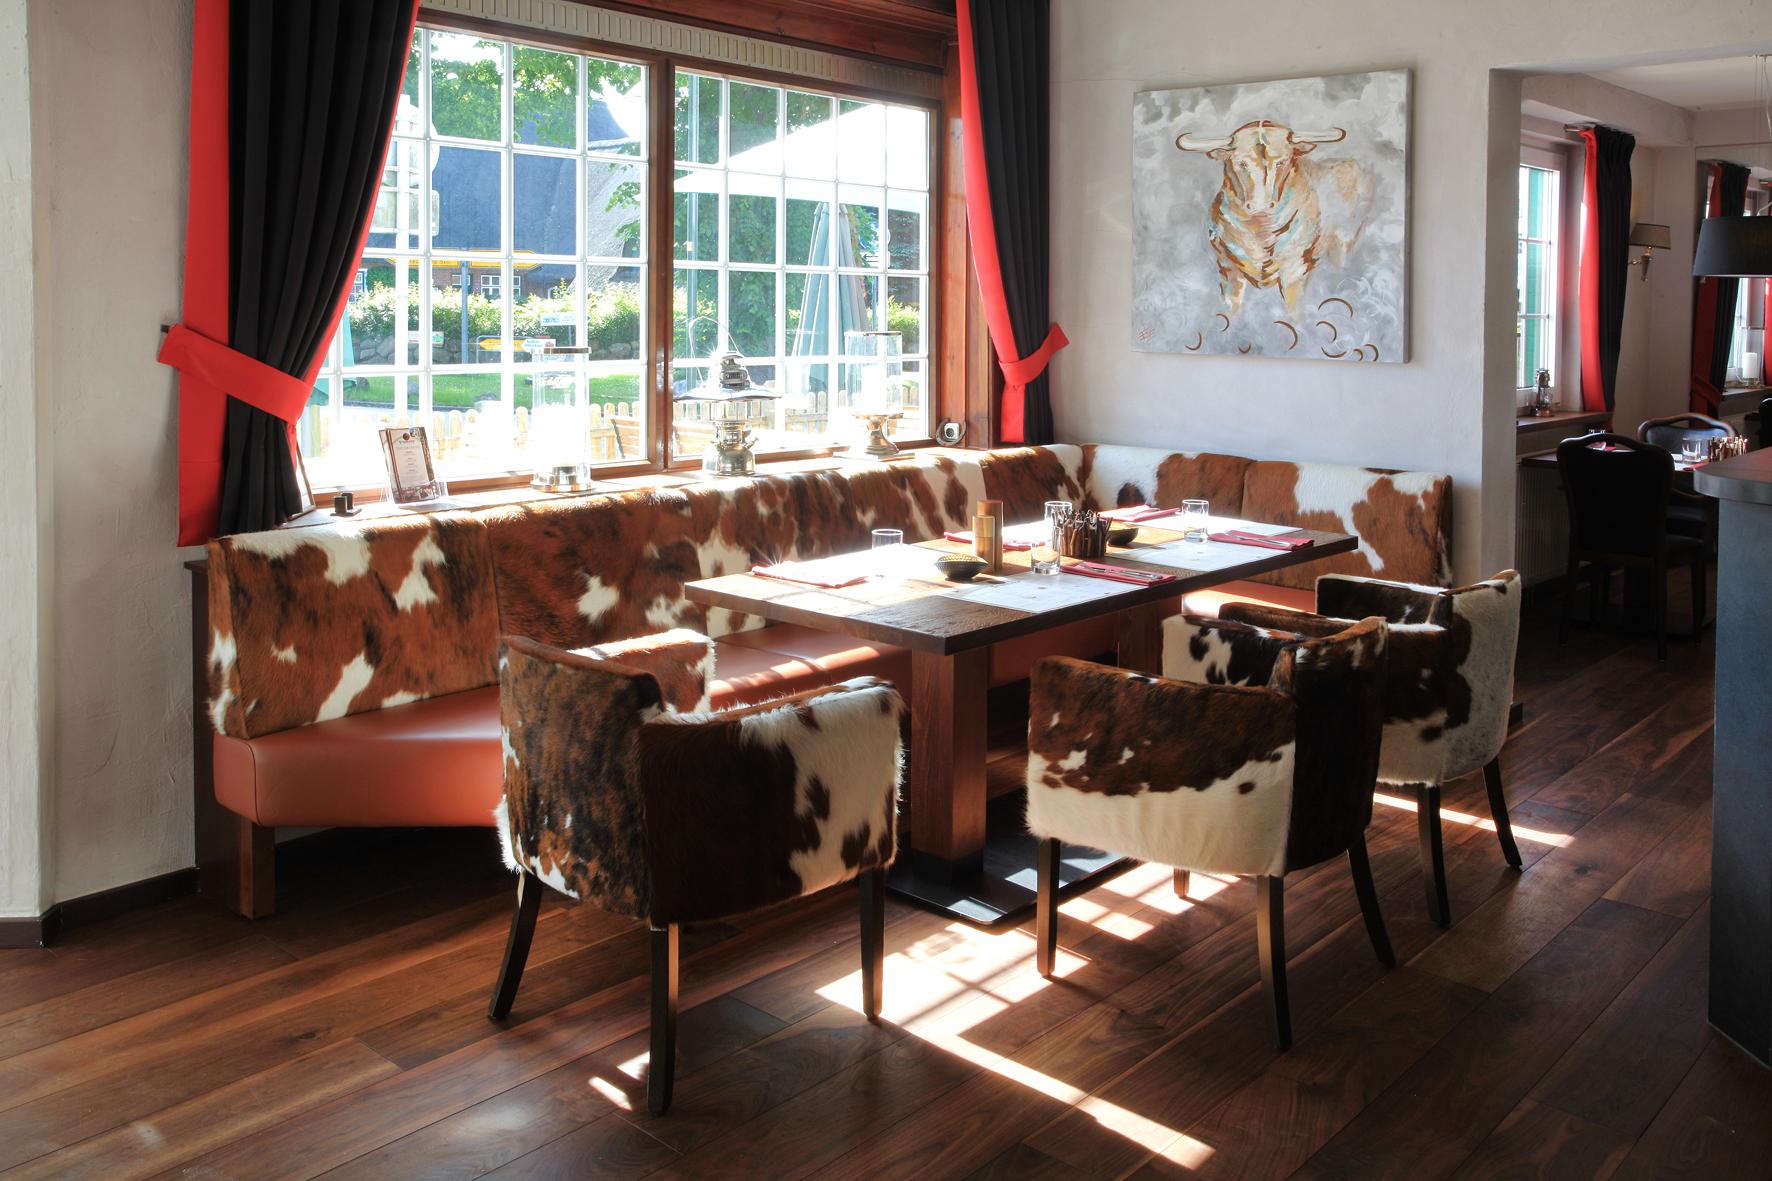 Restaurant Einrichtung mit Wohlfühl-Ambiente